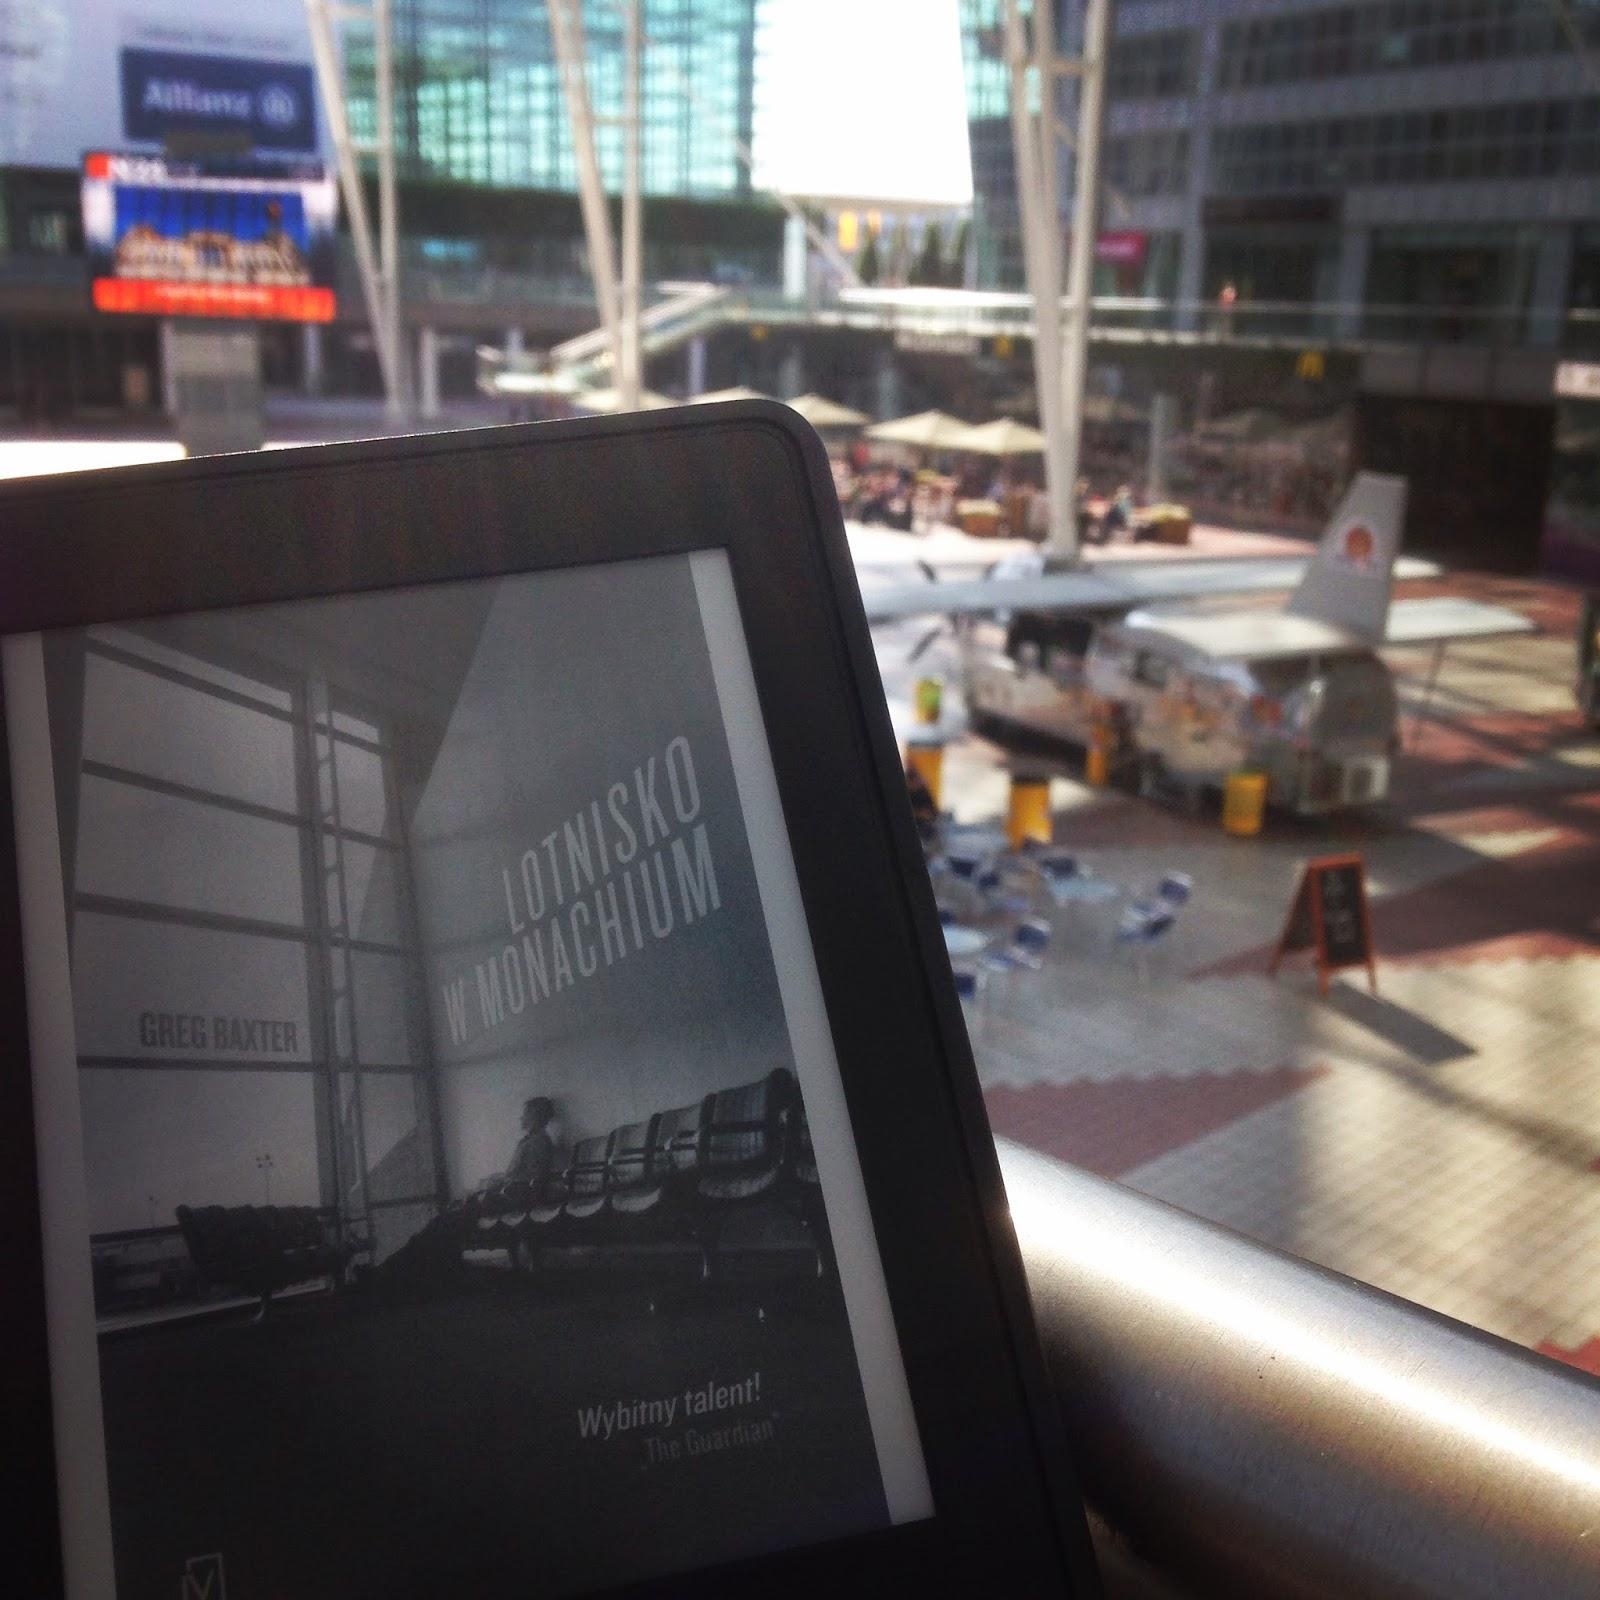 Lotnisko w Monachium [WZK #4]